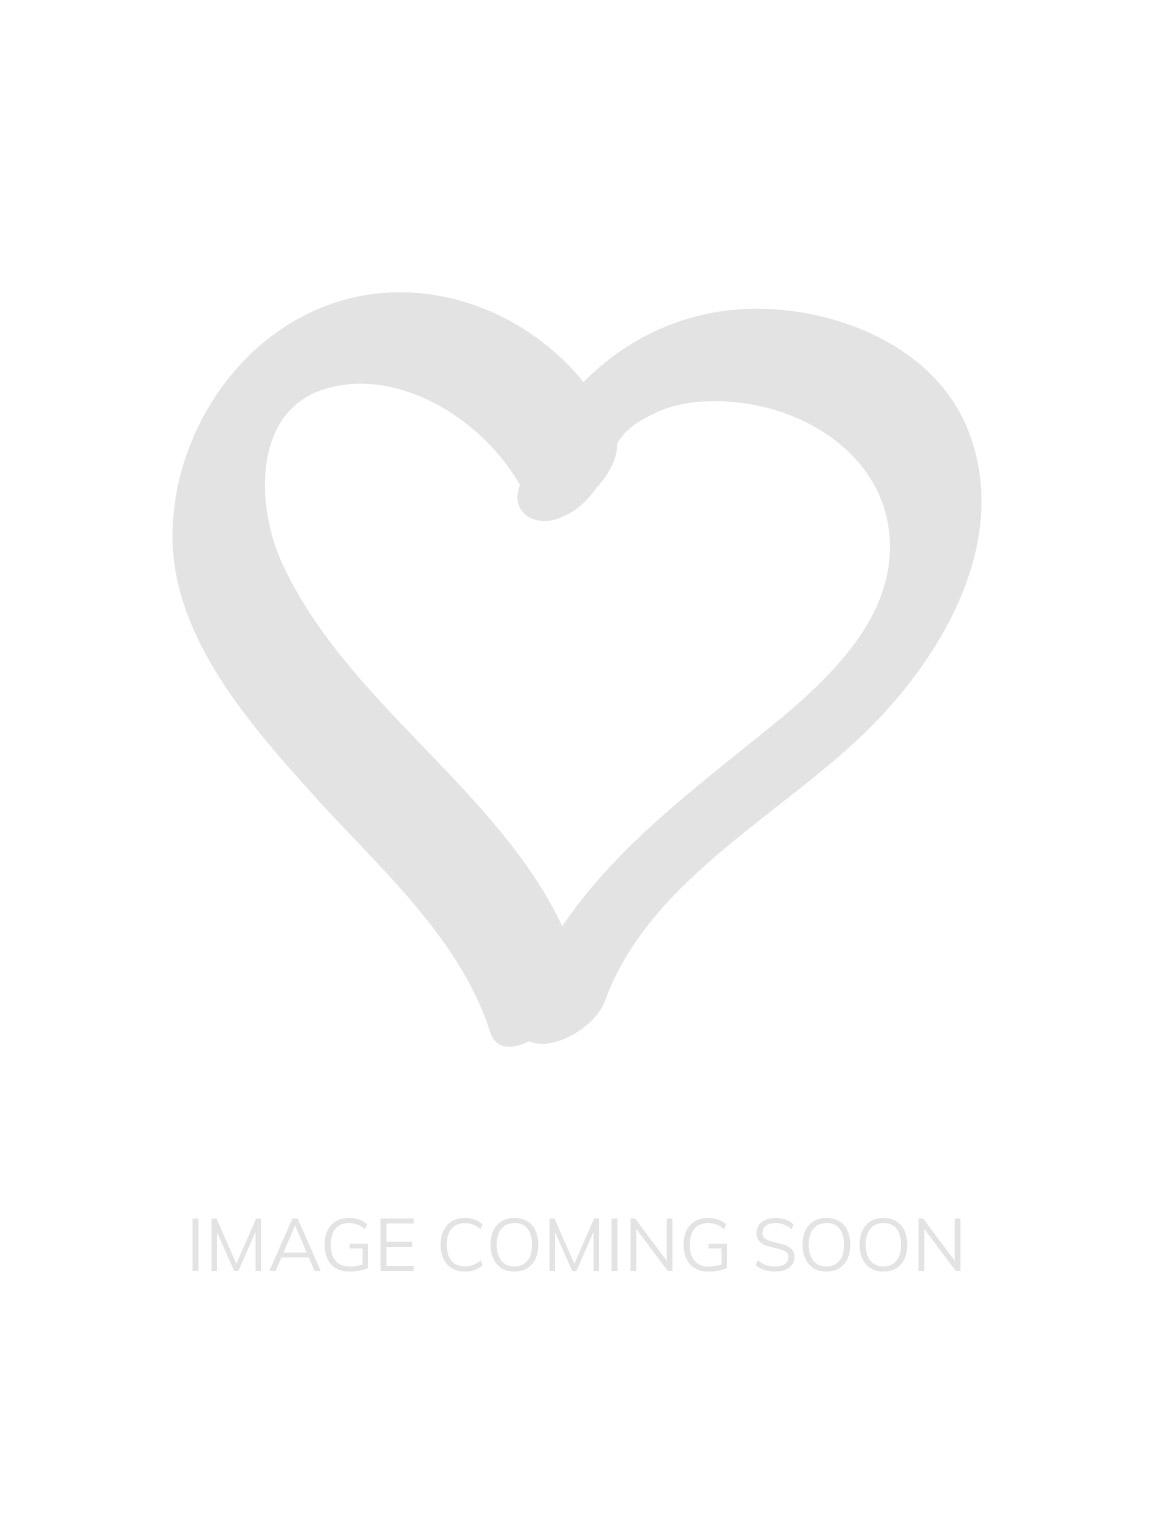 1c0ee63d737 La Femme Contour Bra - Naturally Nude